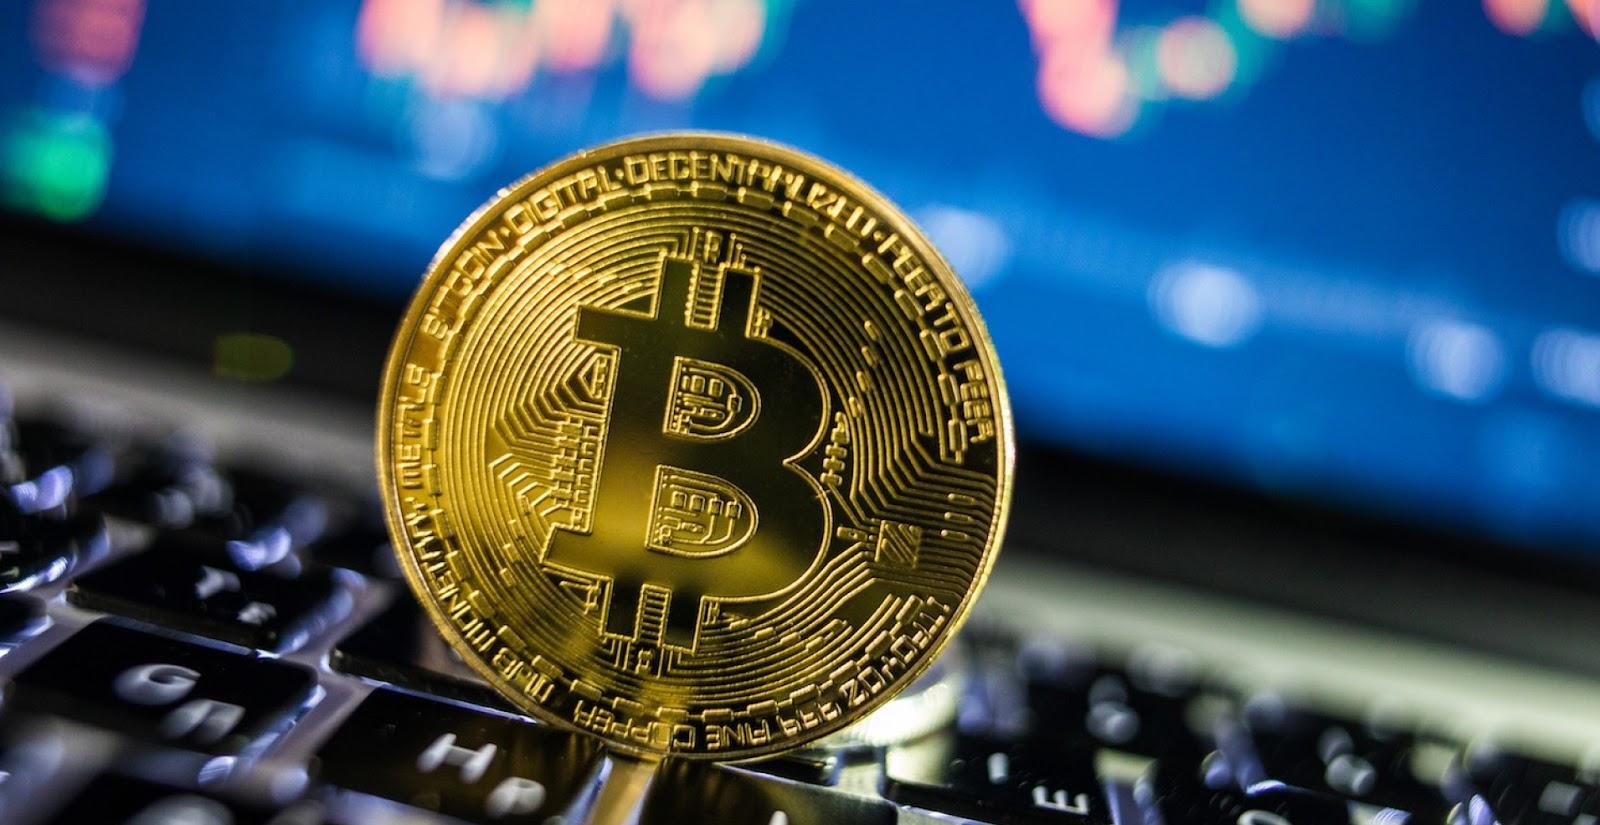 Произошло серьезное обрушение цены биткоина